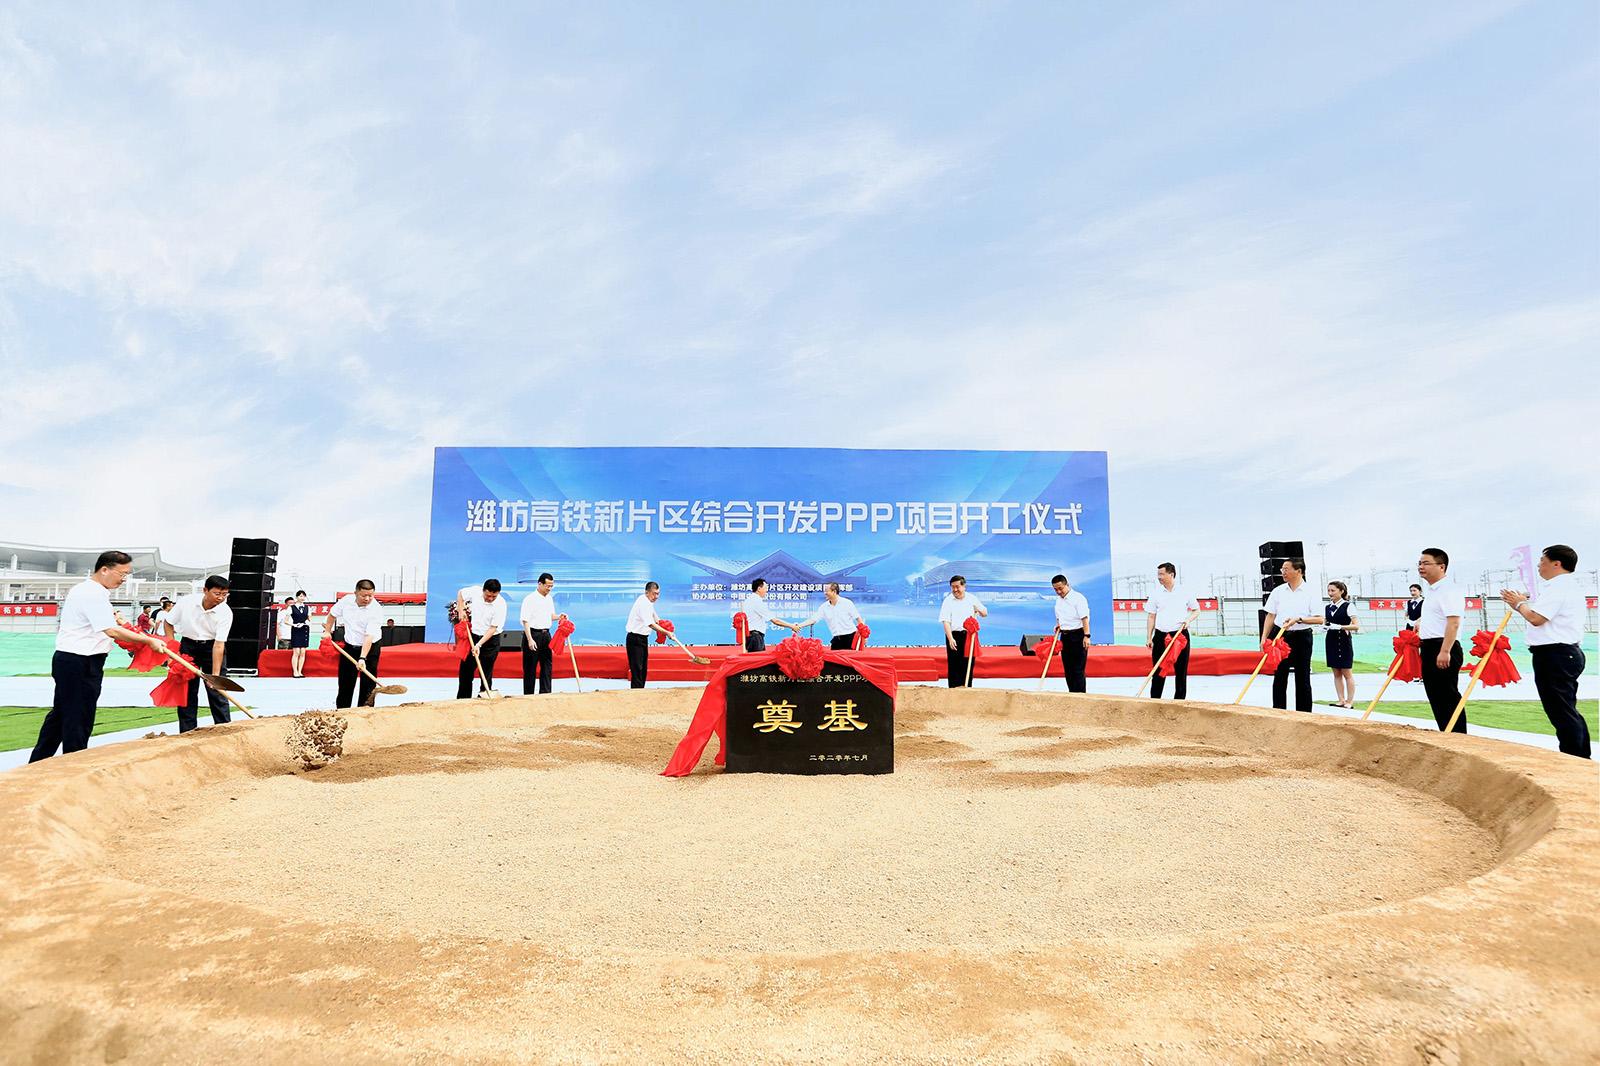 【新华网】潍坊高铁新片区综合开发PPP项目开工